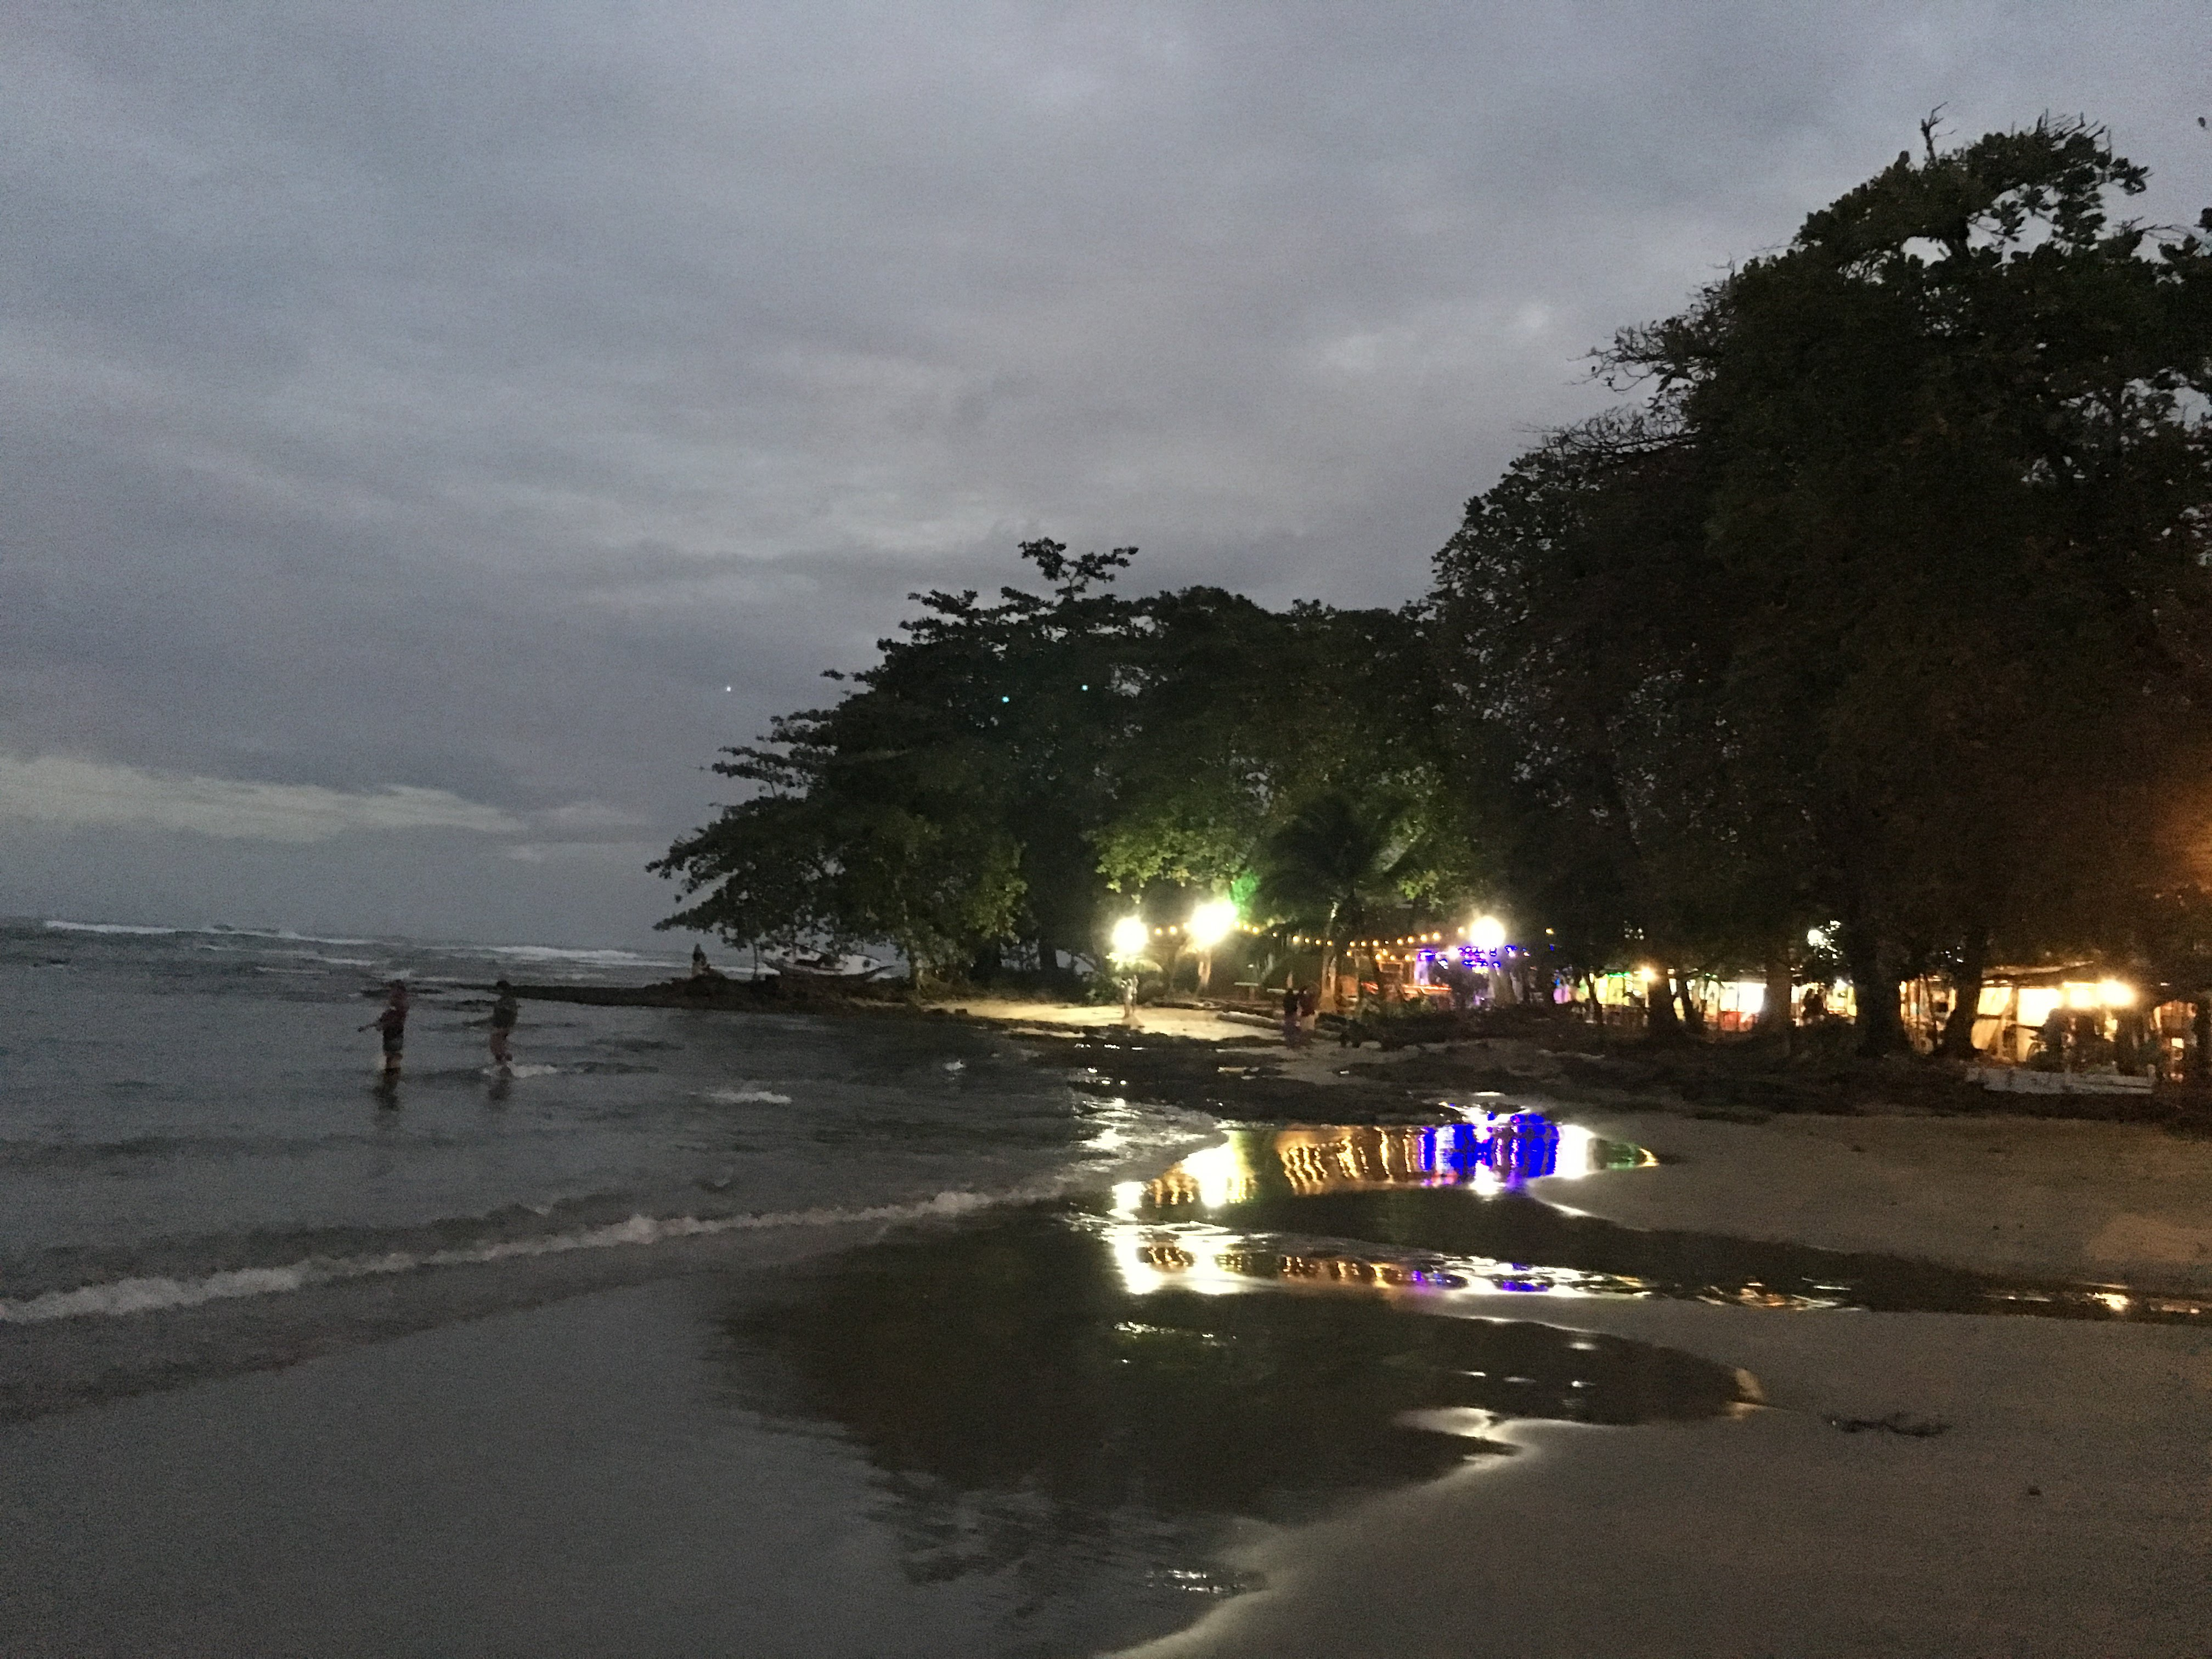 Puerto Viejo nightlife